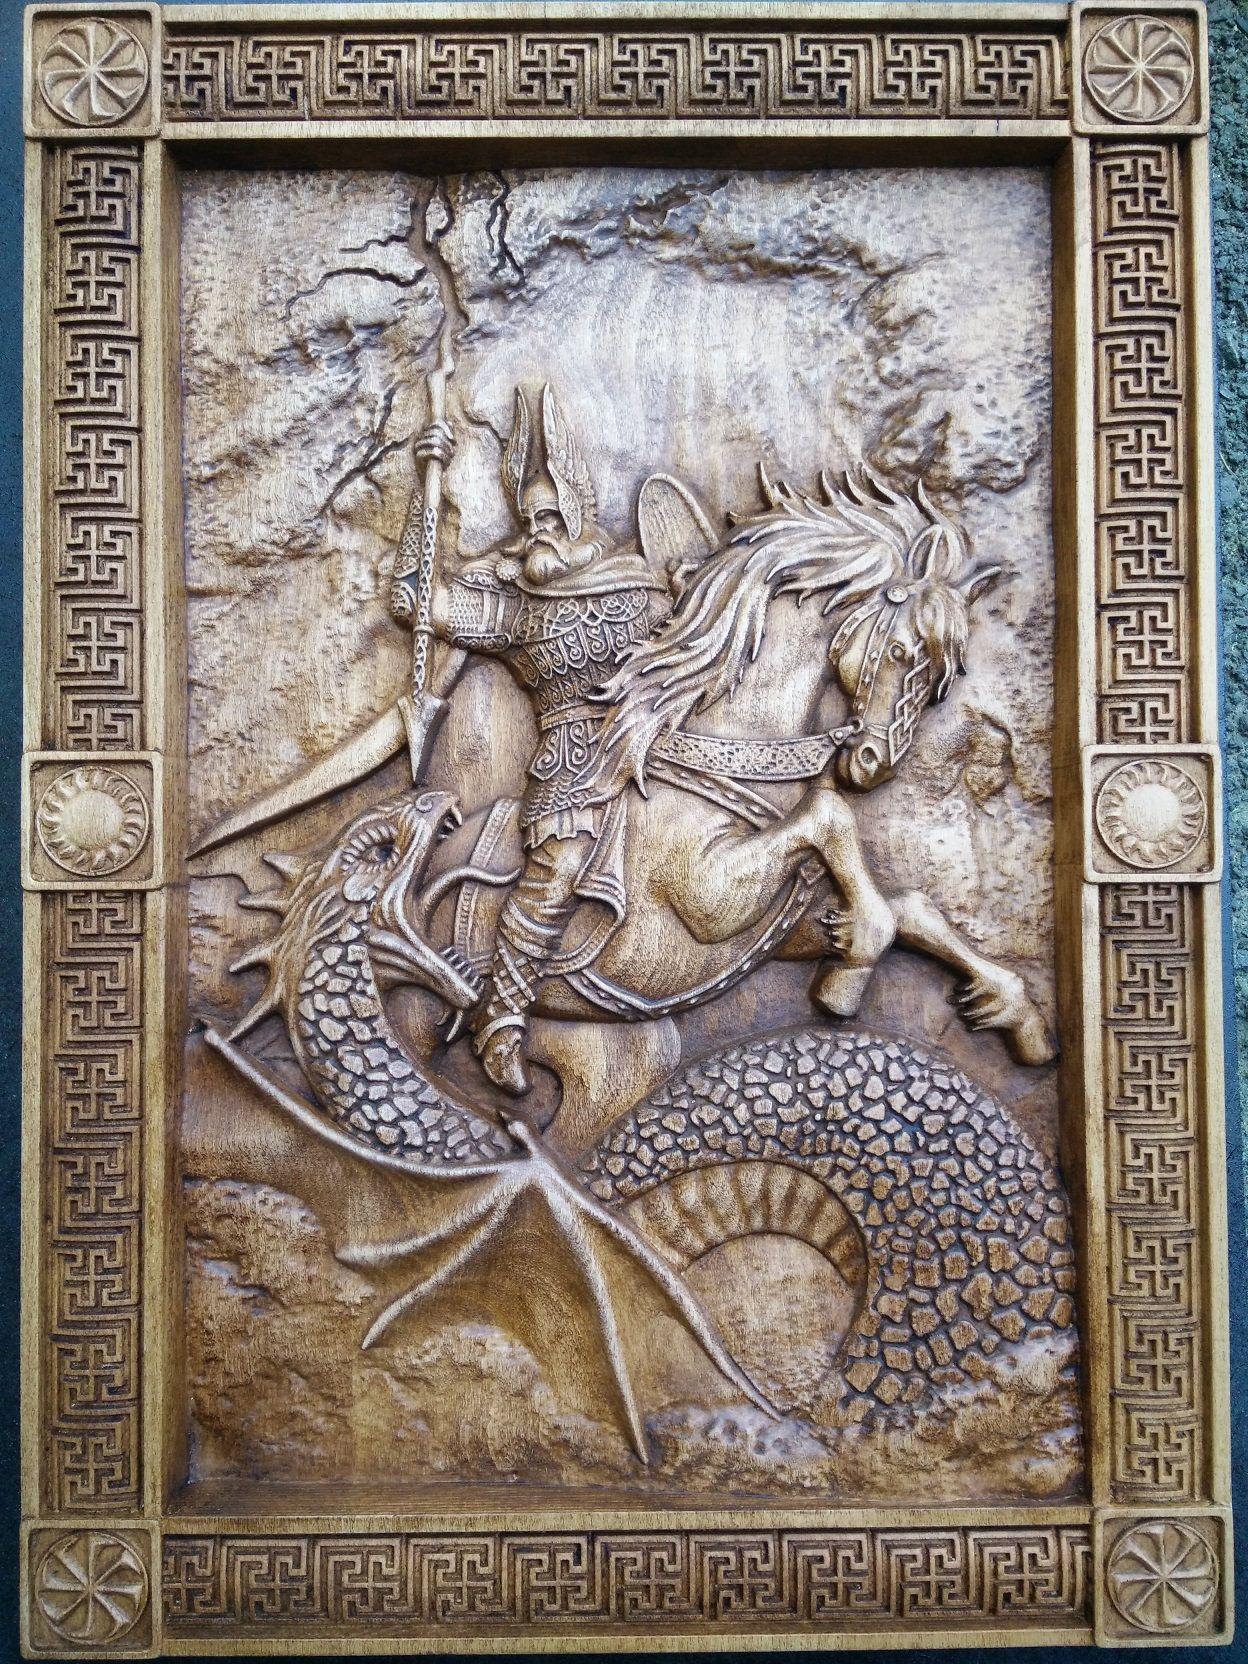 Resultado de imagen para perun dragon